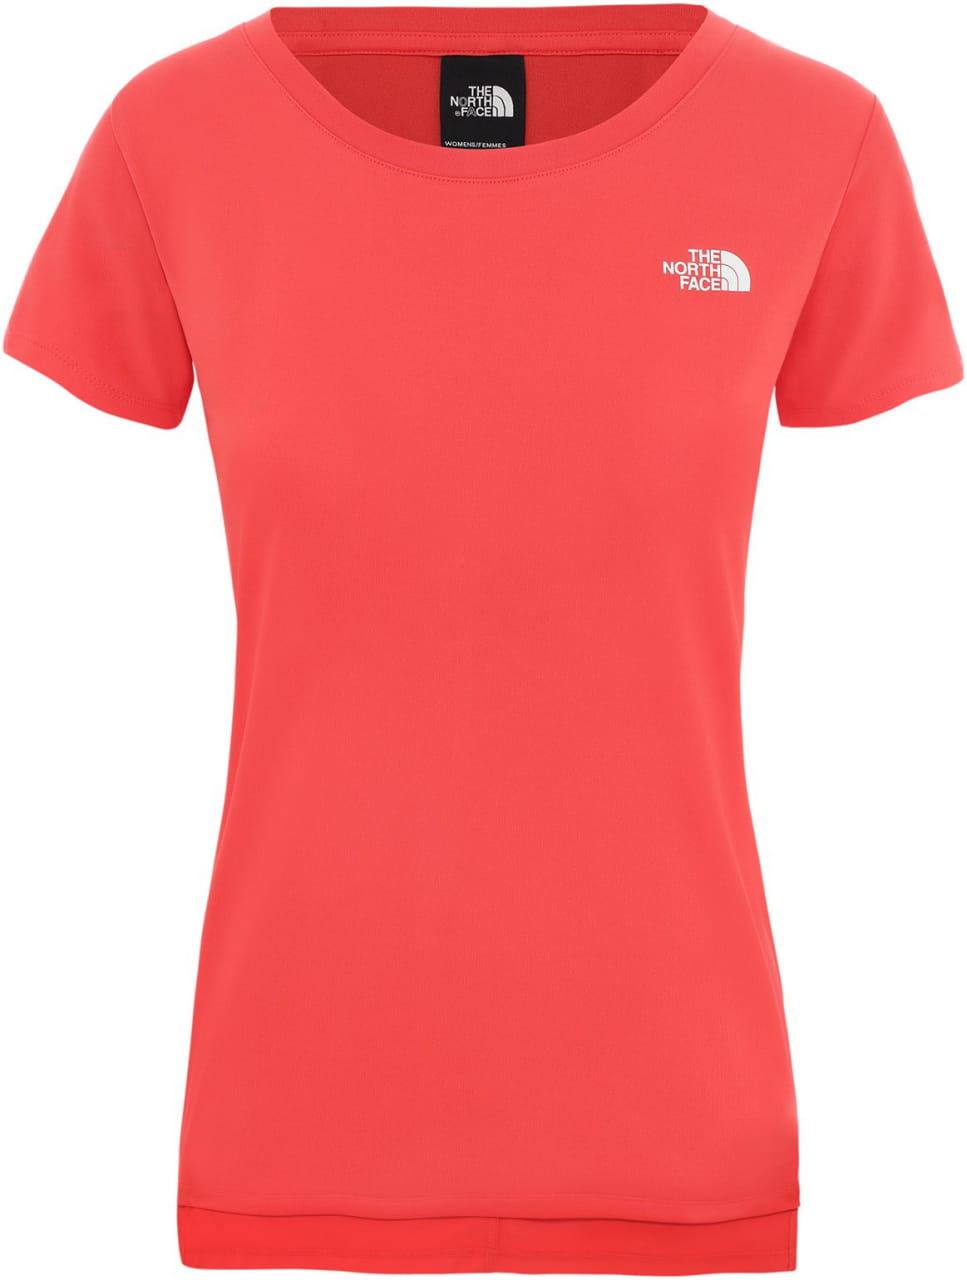 Dámské tričko The North Face Women's Quest T-Shirt